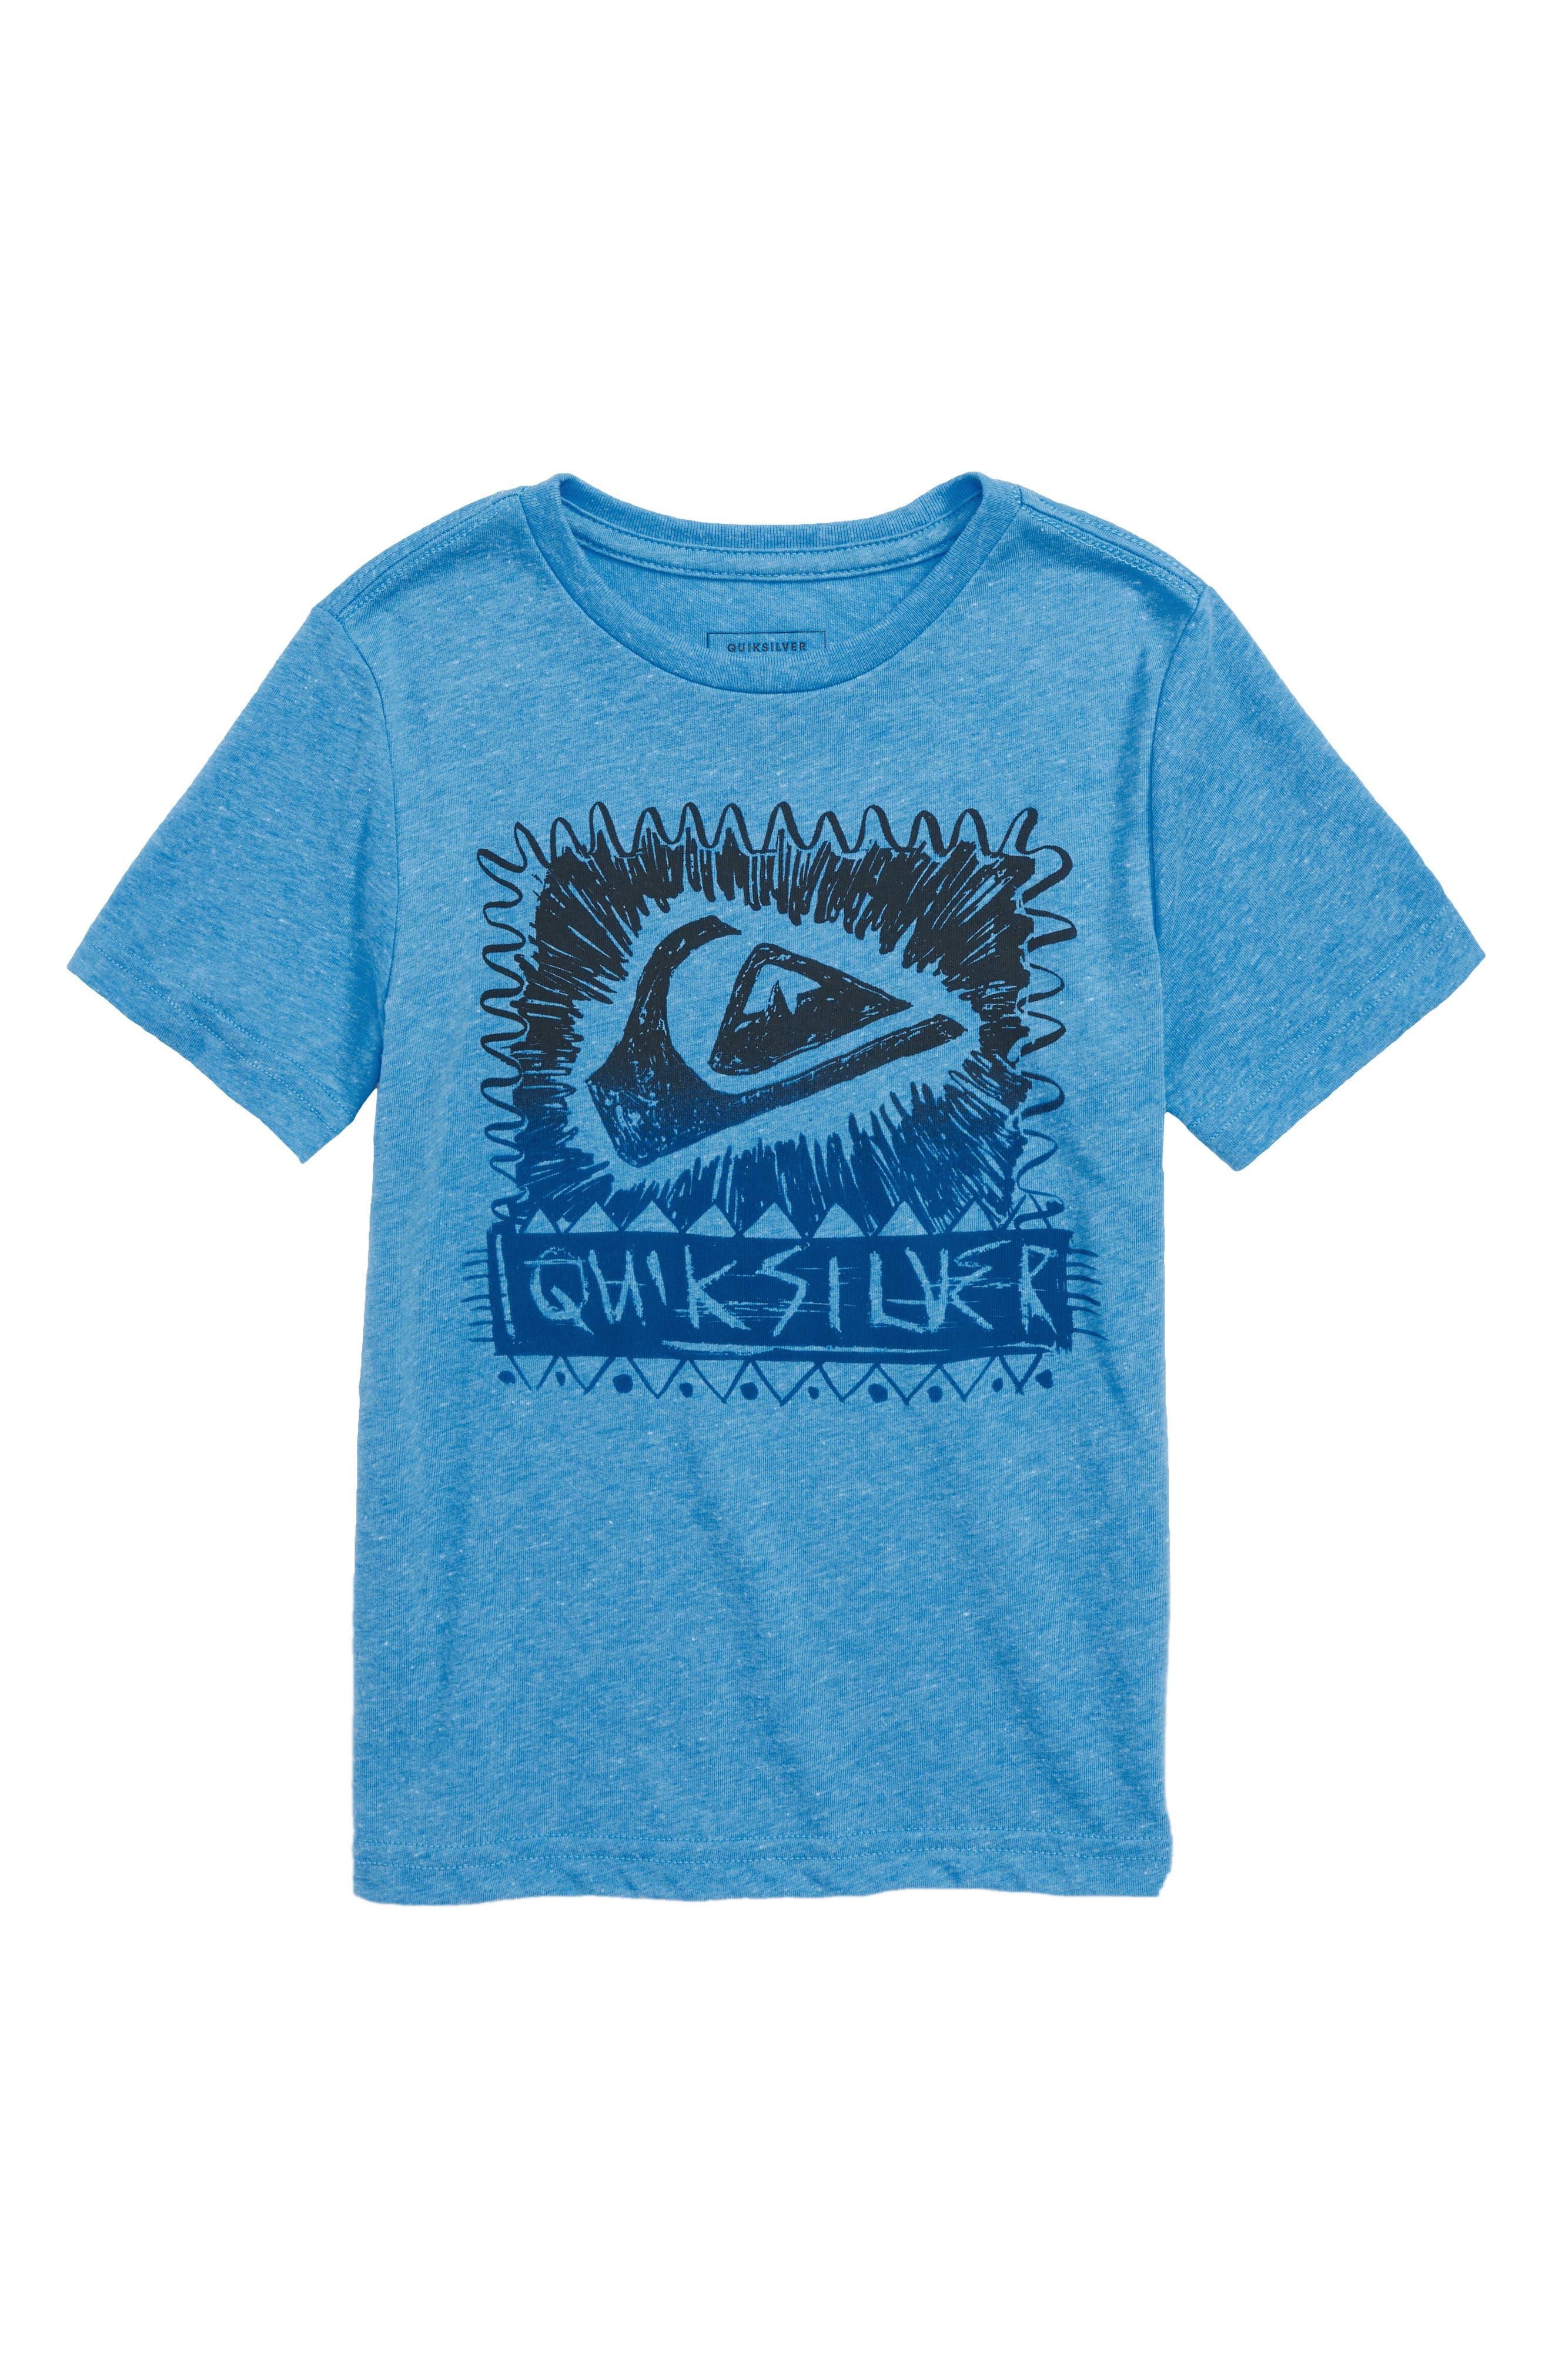 Quicksilver Laser Cut Graphic T-Shirt,                             Main thumbnail 1, color,                             422